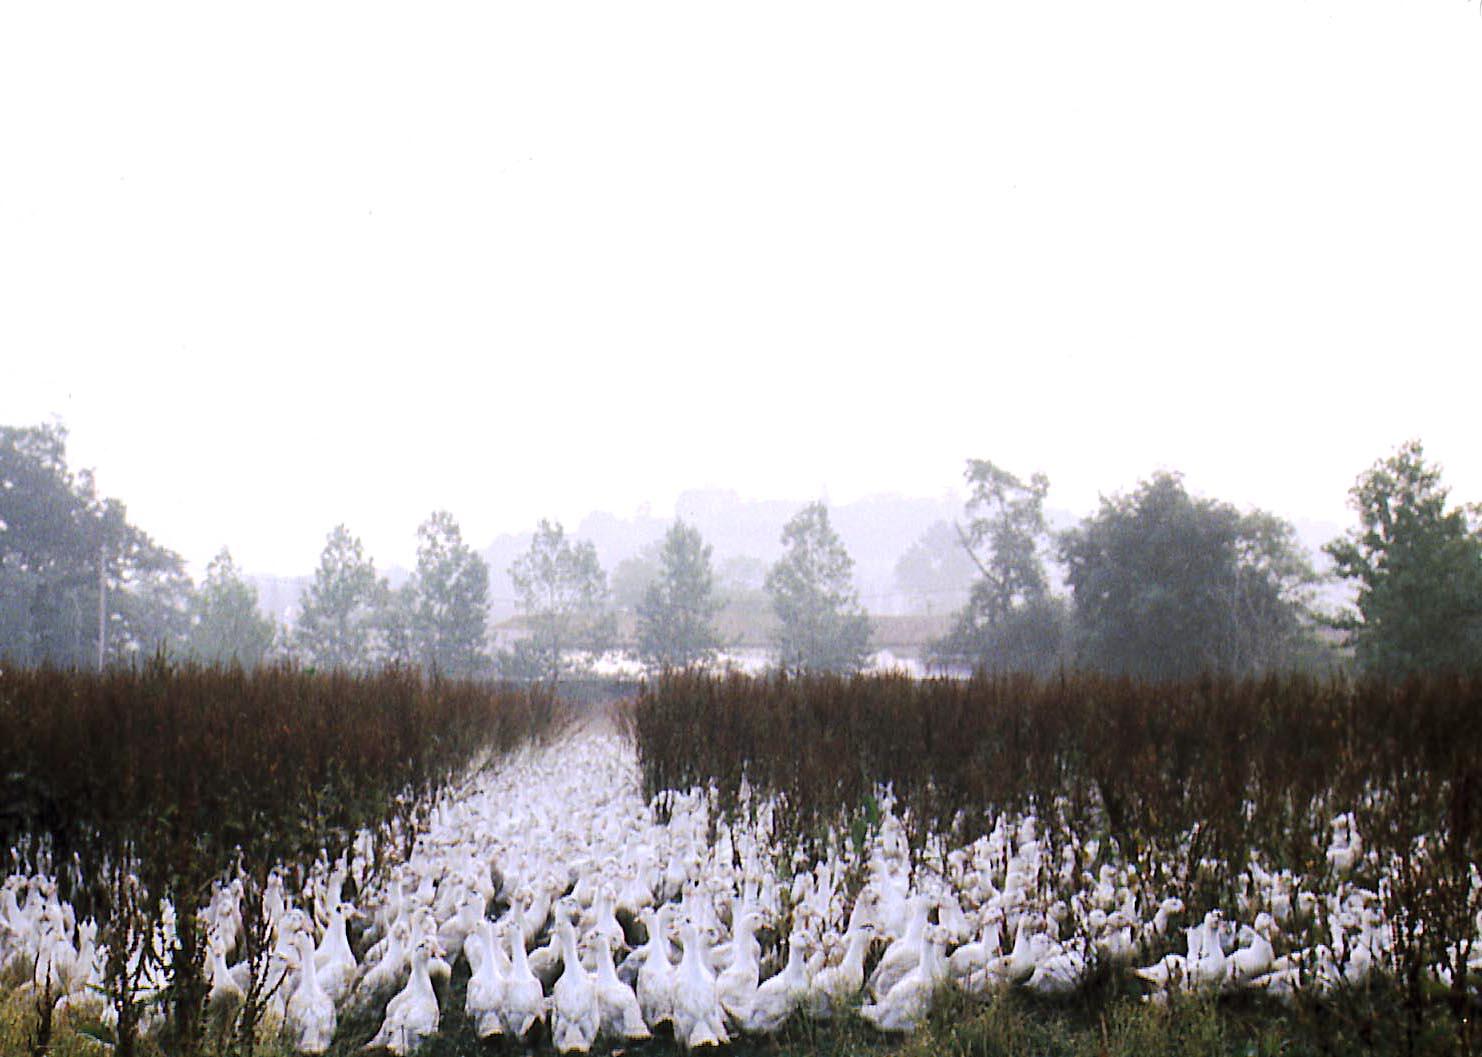 Ducks at dawn_france.jpg